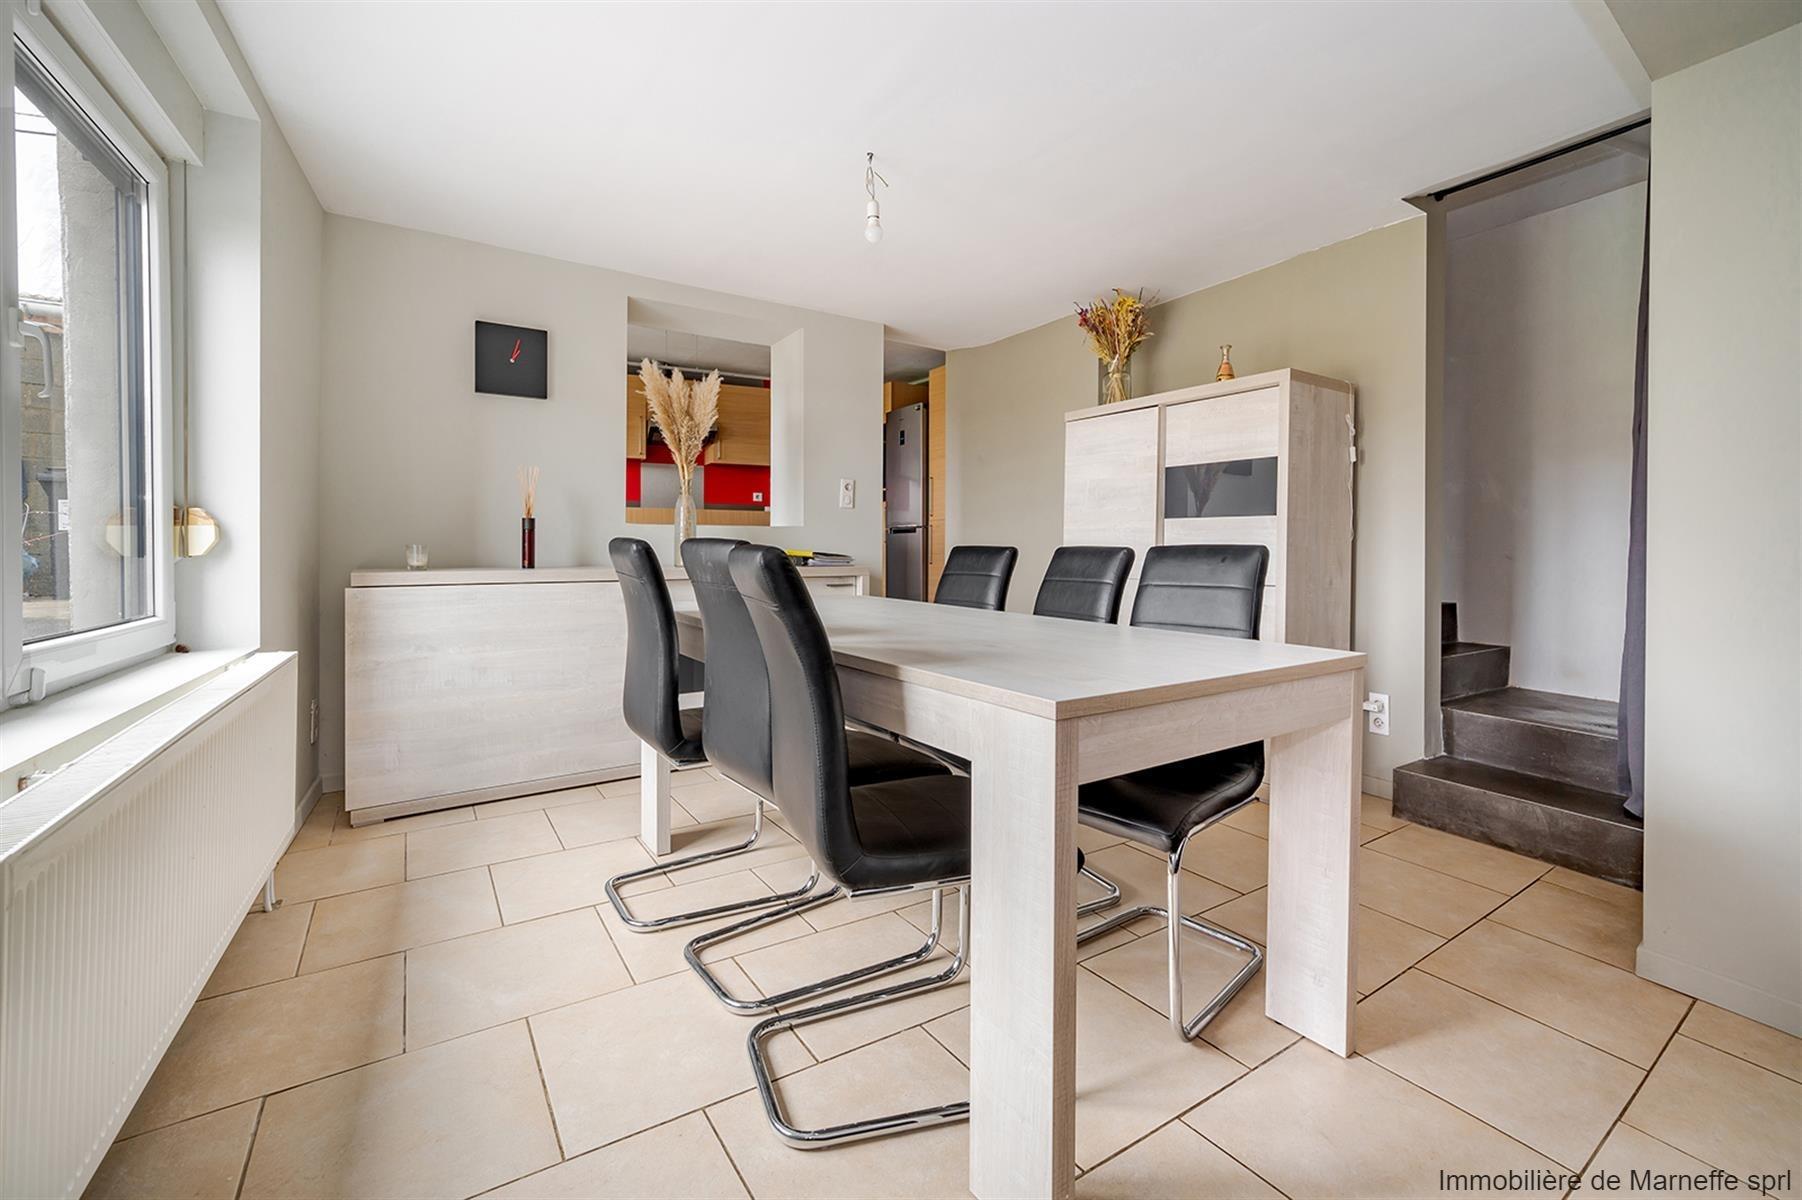 Maison - Villers-le-Bouillet - #4266777-3